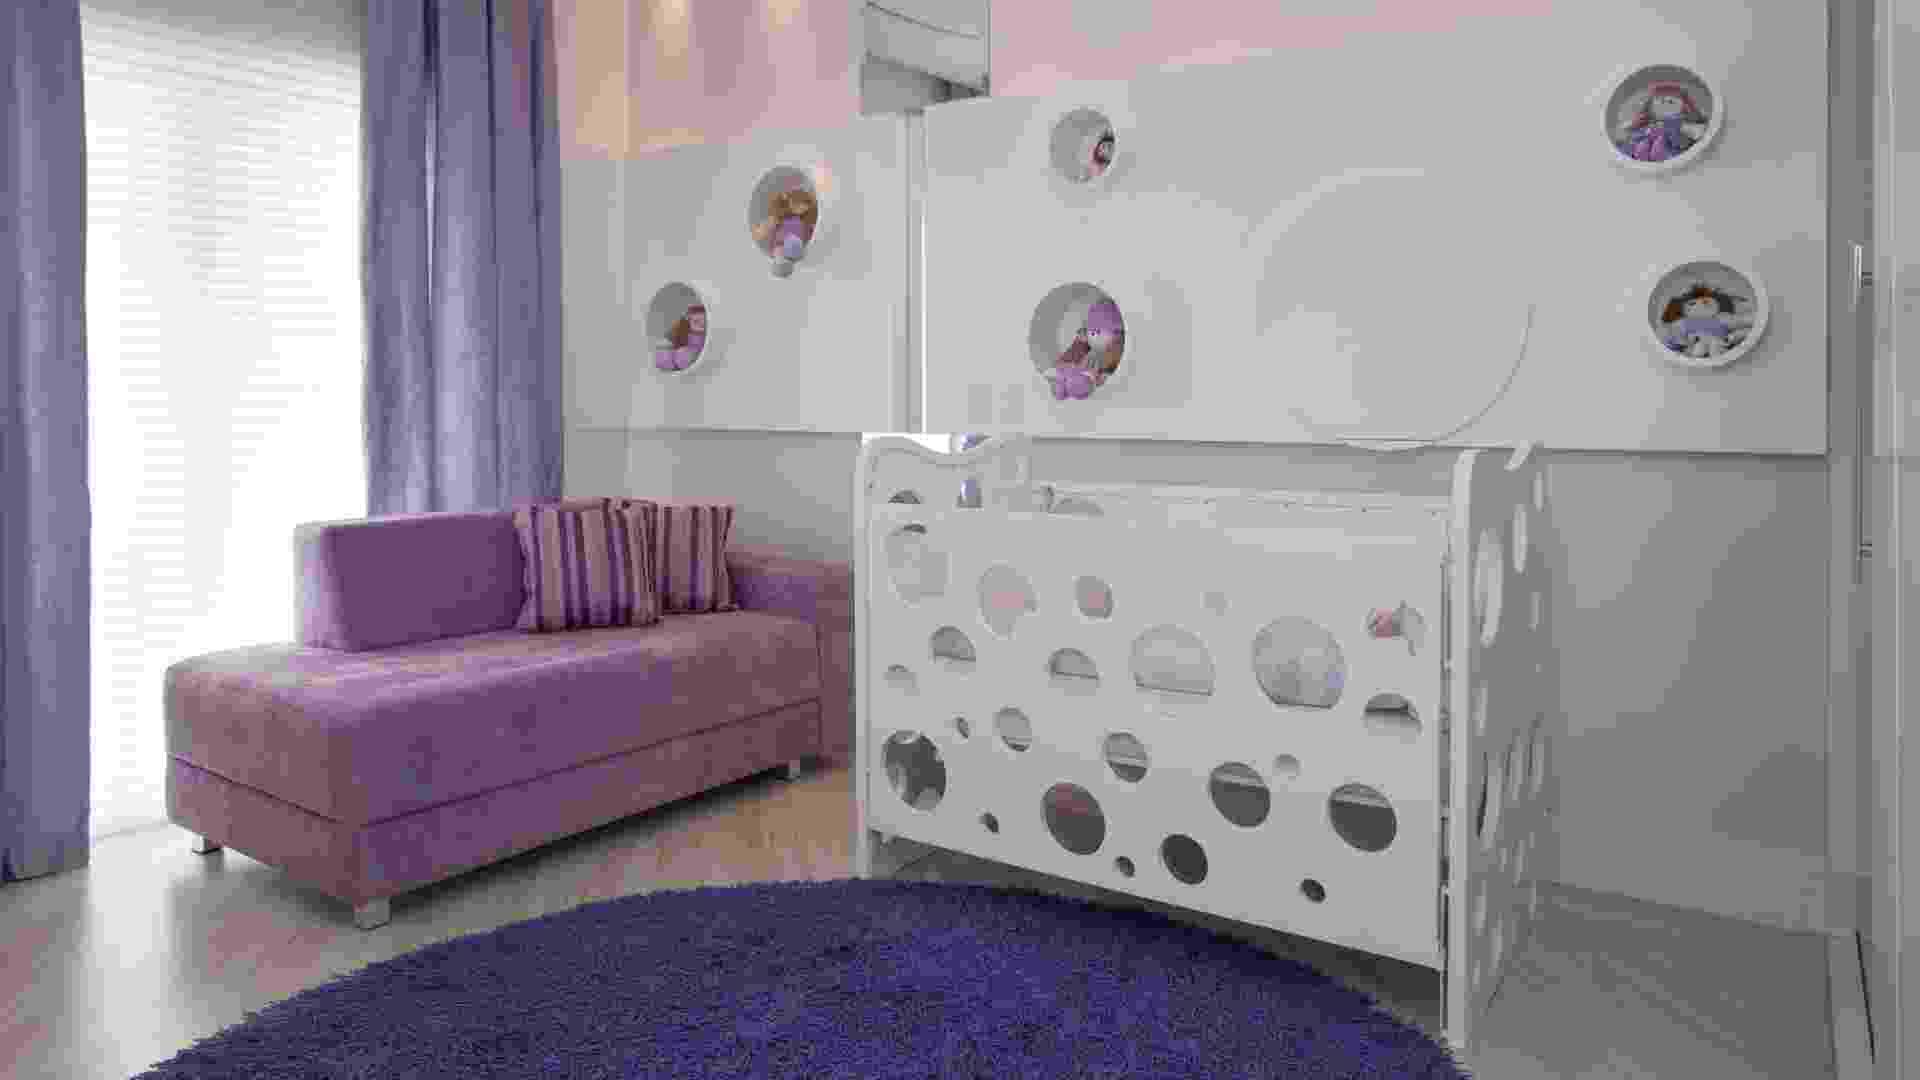 No quarto de 14m2 criado pela arquiteta Teresa Simões, o painel com nichos circulares da parede remete ao berço com círculos vazados protegidos por placas de acrílico - J. Vilhora/Divulgação